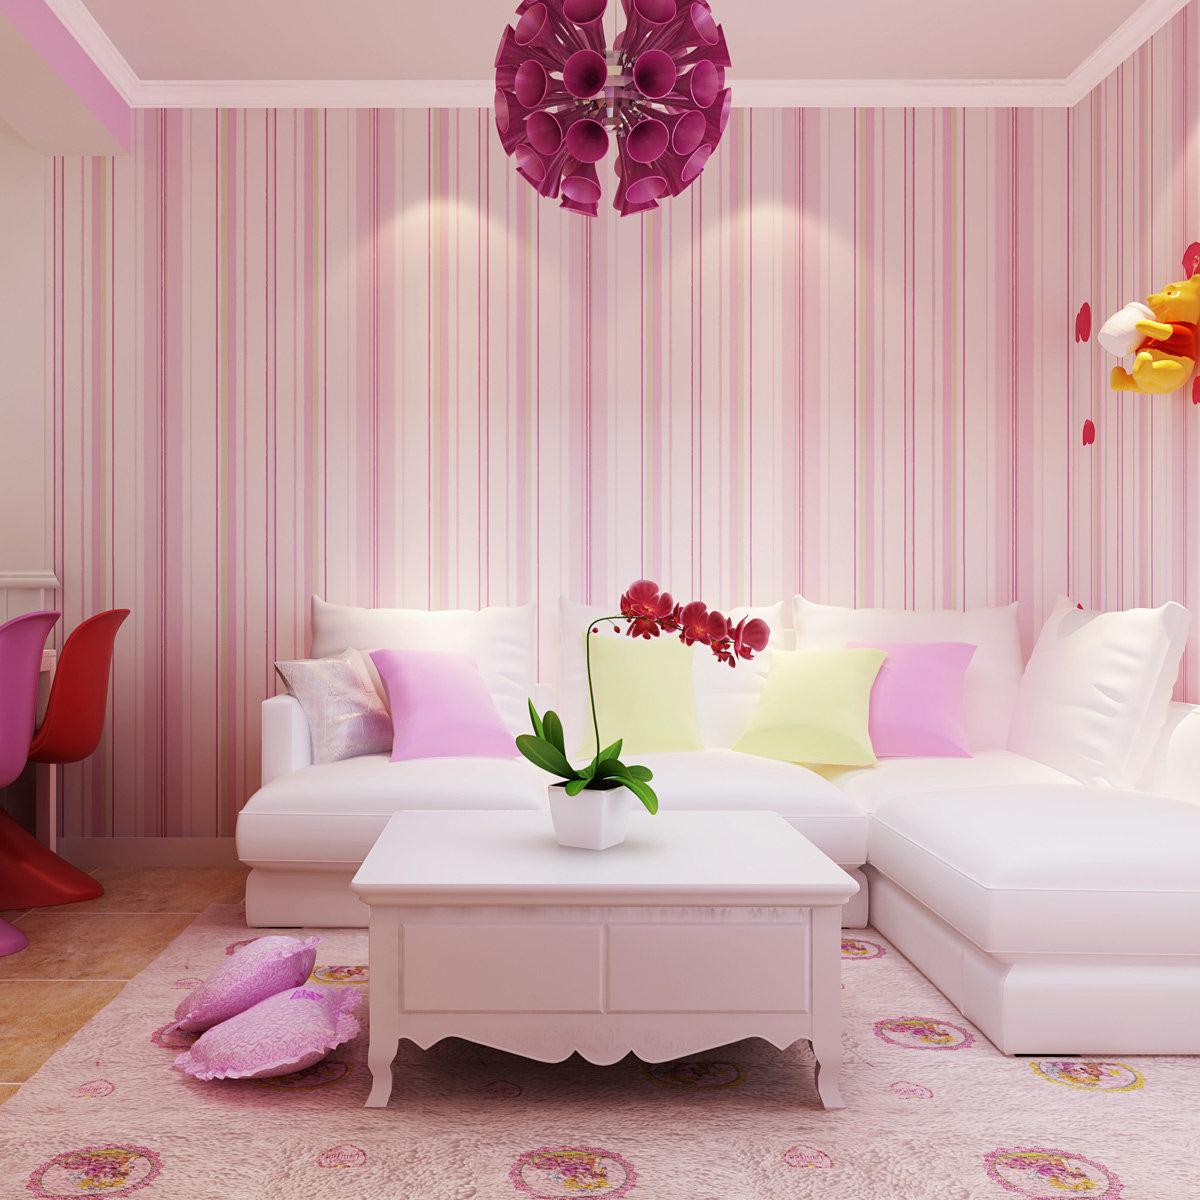 Розовые акценты в интерьере гостиной